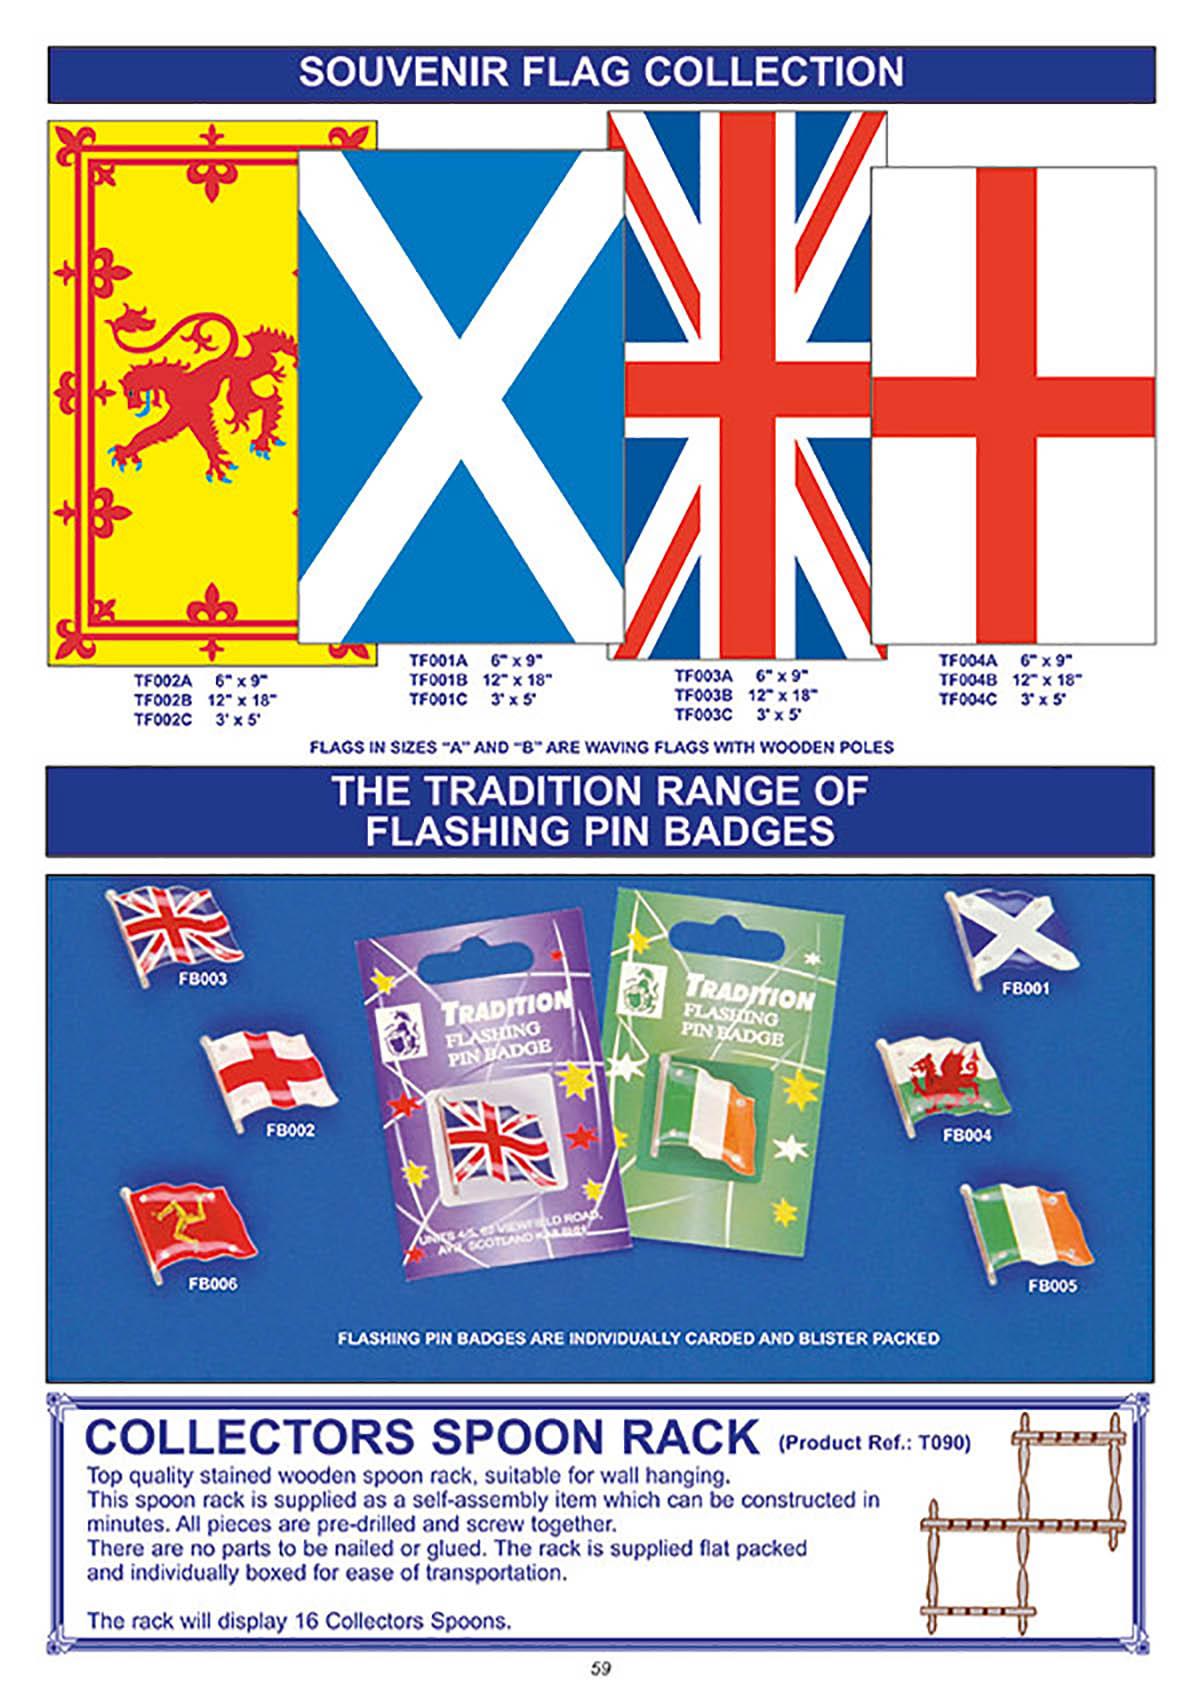 Souvenir flag collection